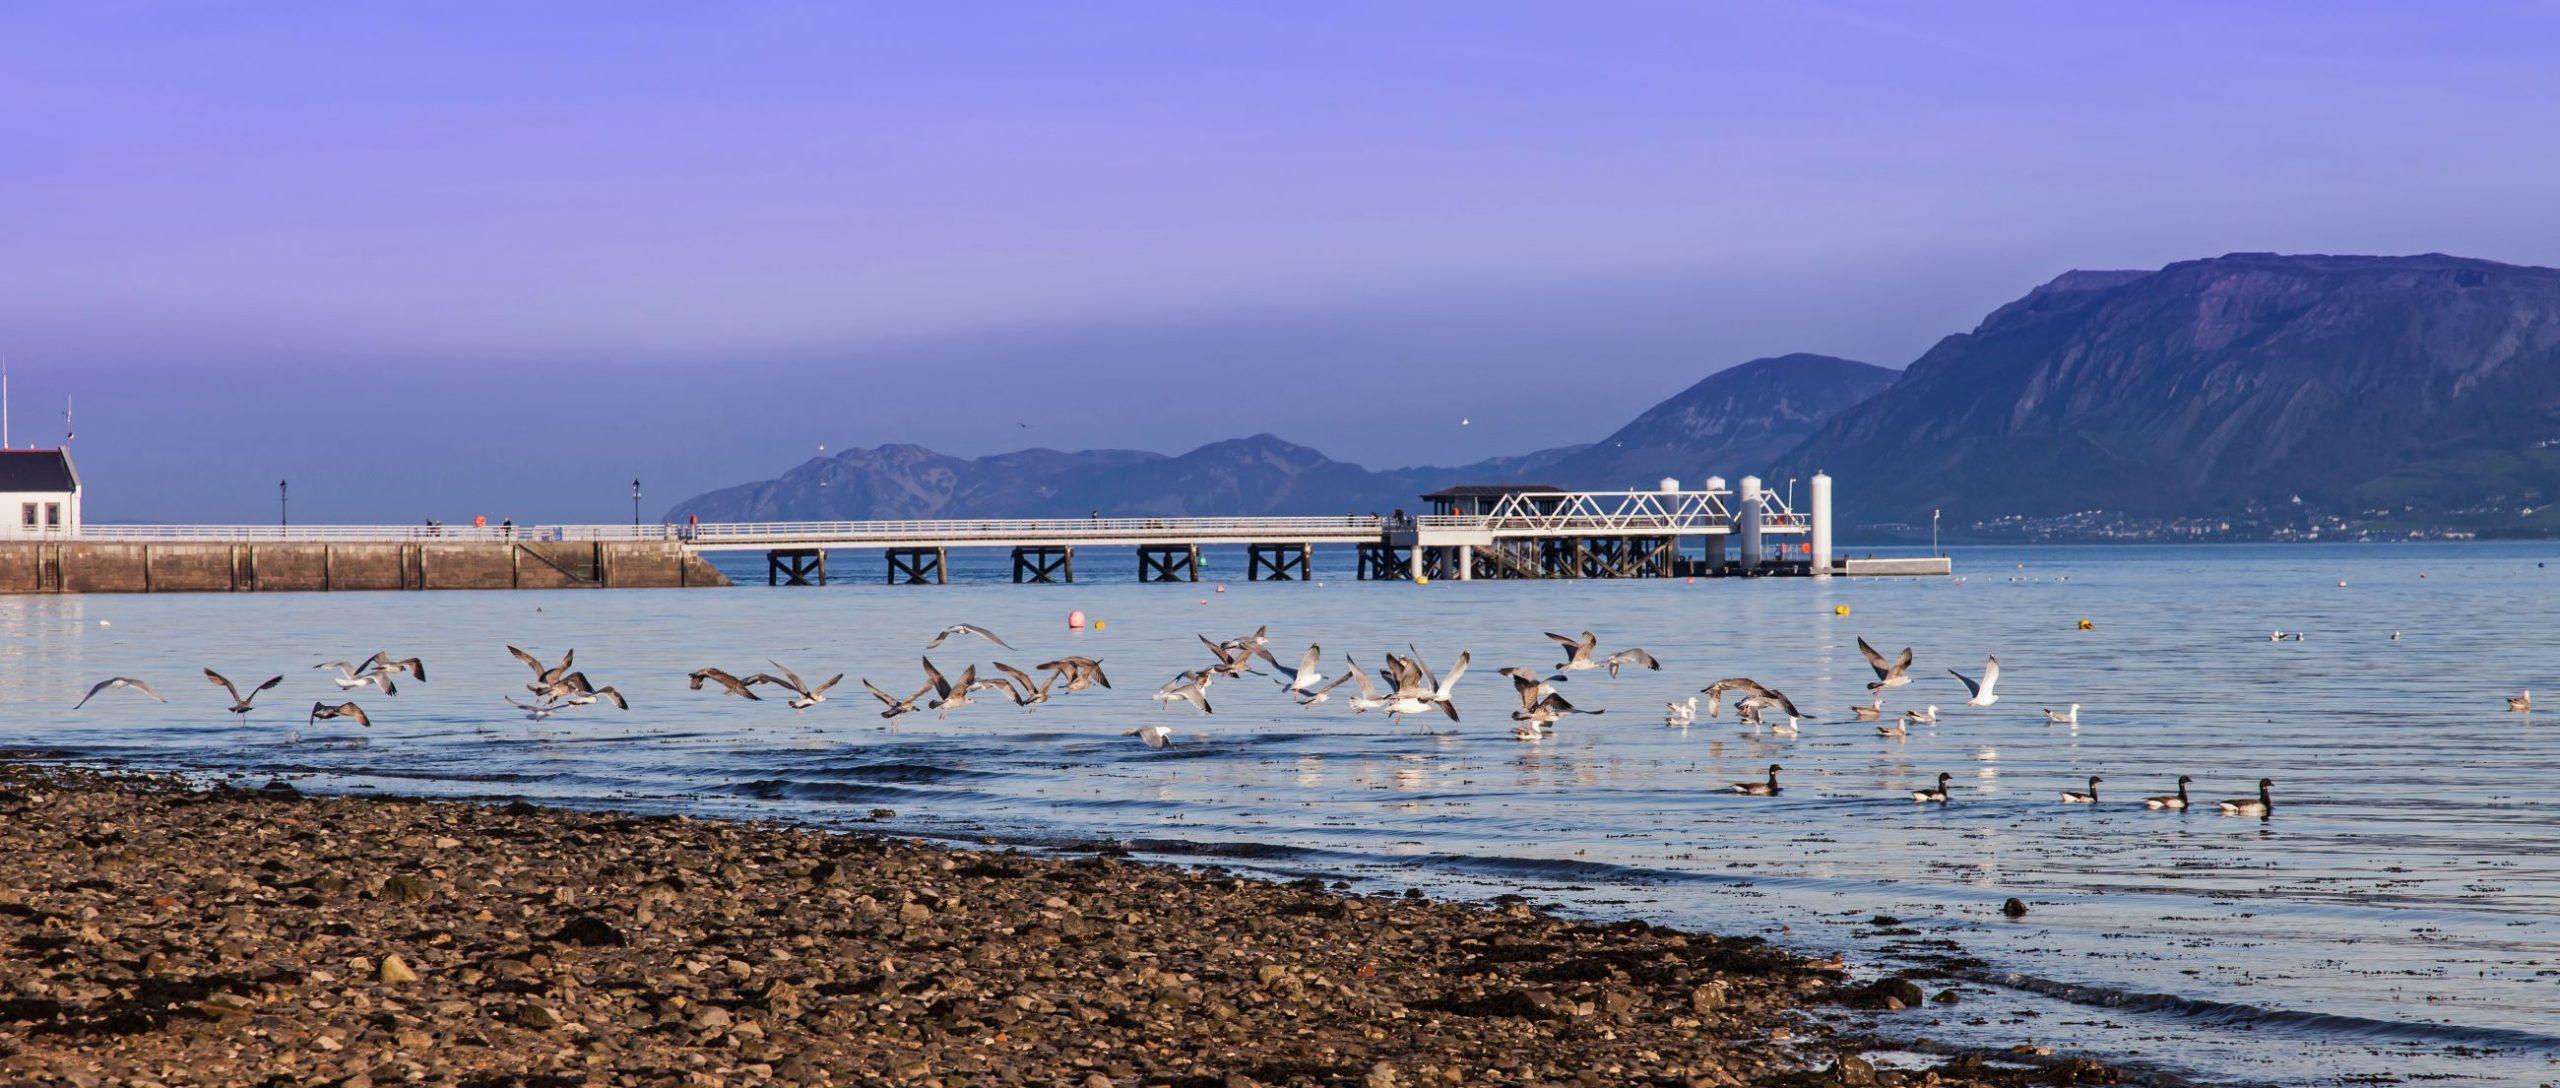 Crabbing At Beaumaris Pier